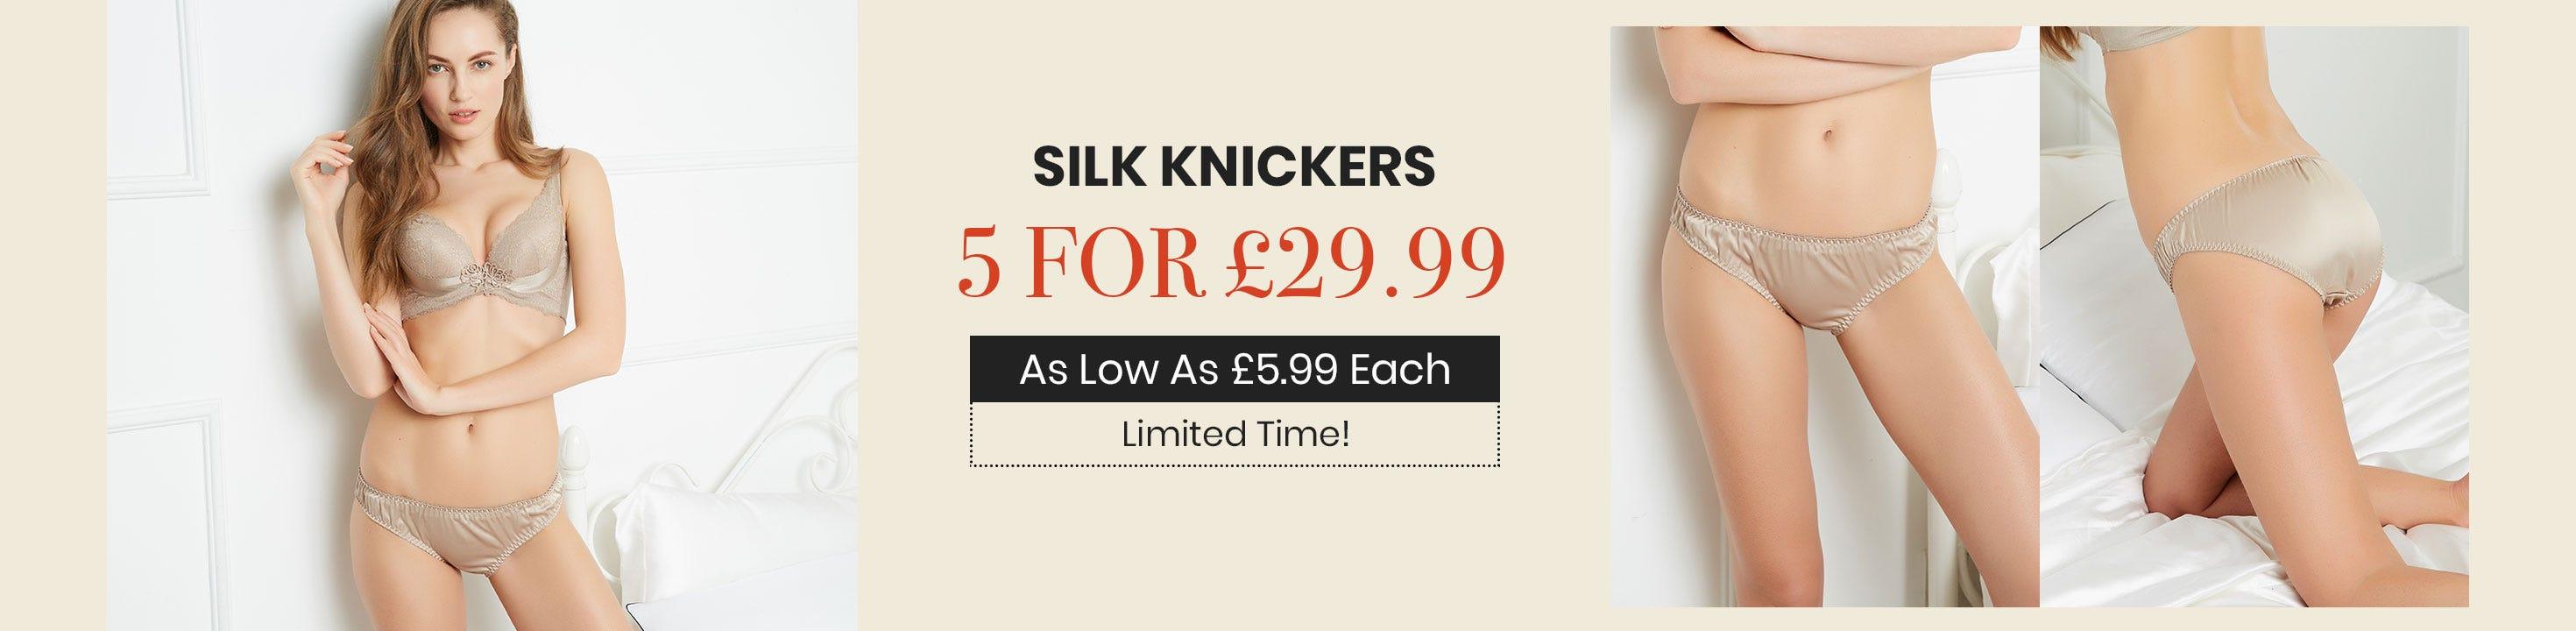 Silk Knickers